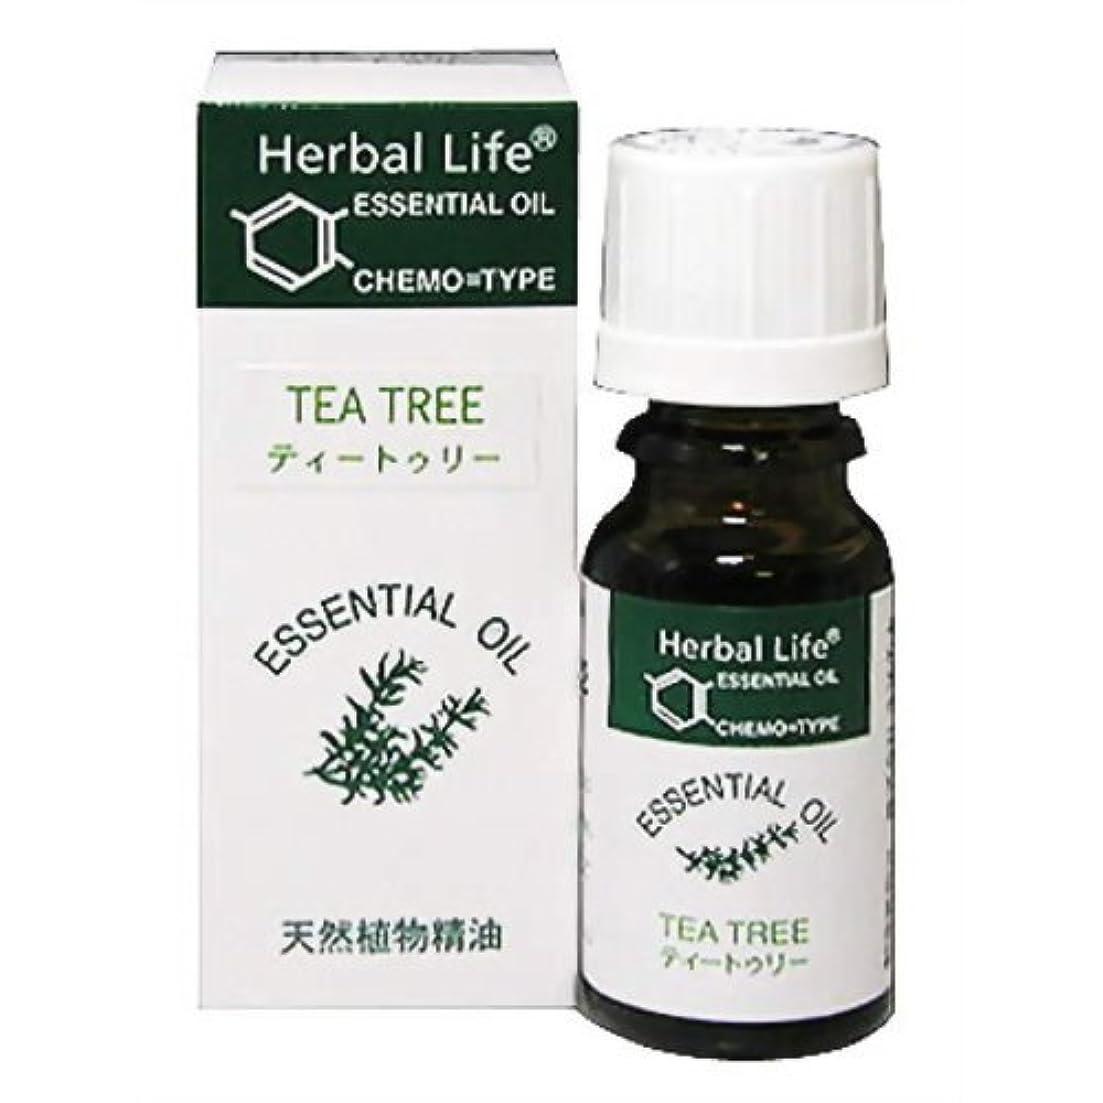 グラマー受け取る四面体Herbal Life ティートゥリー 10ml